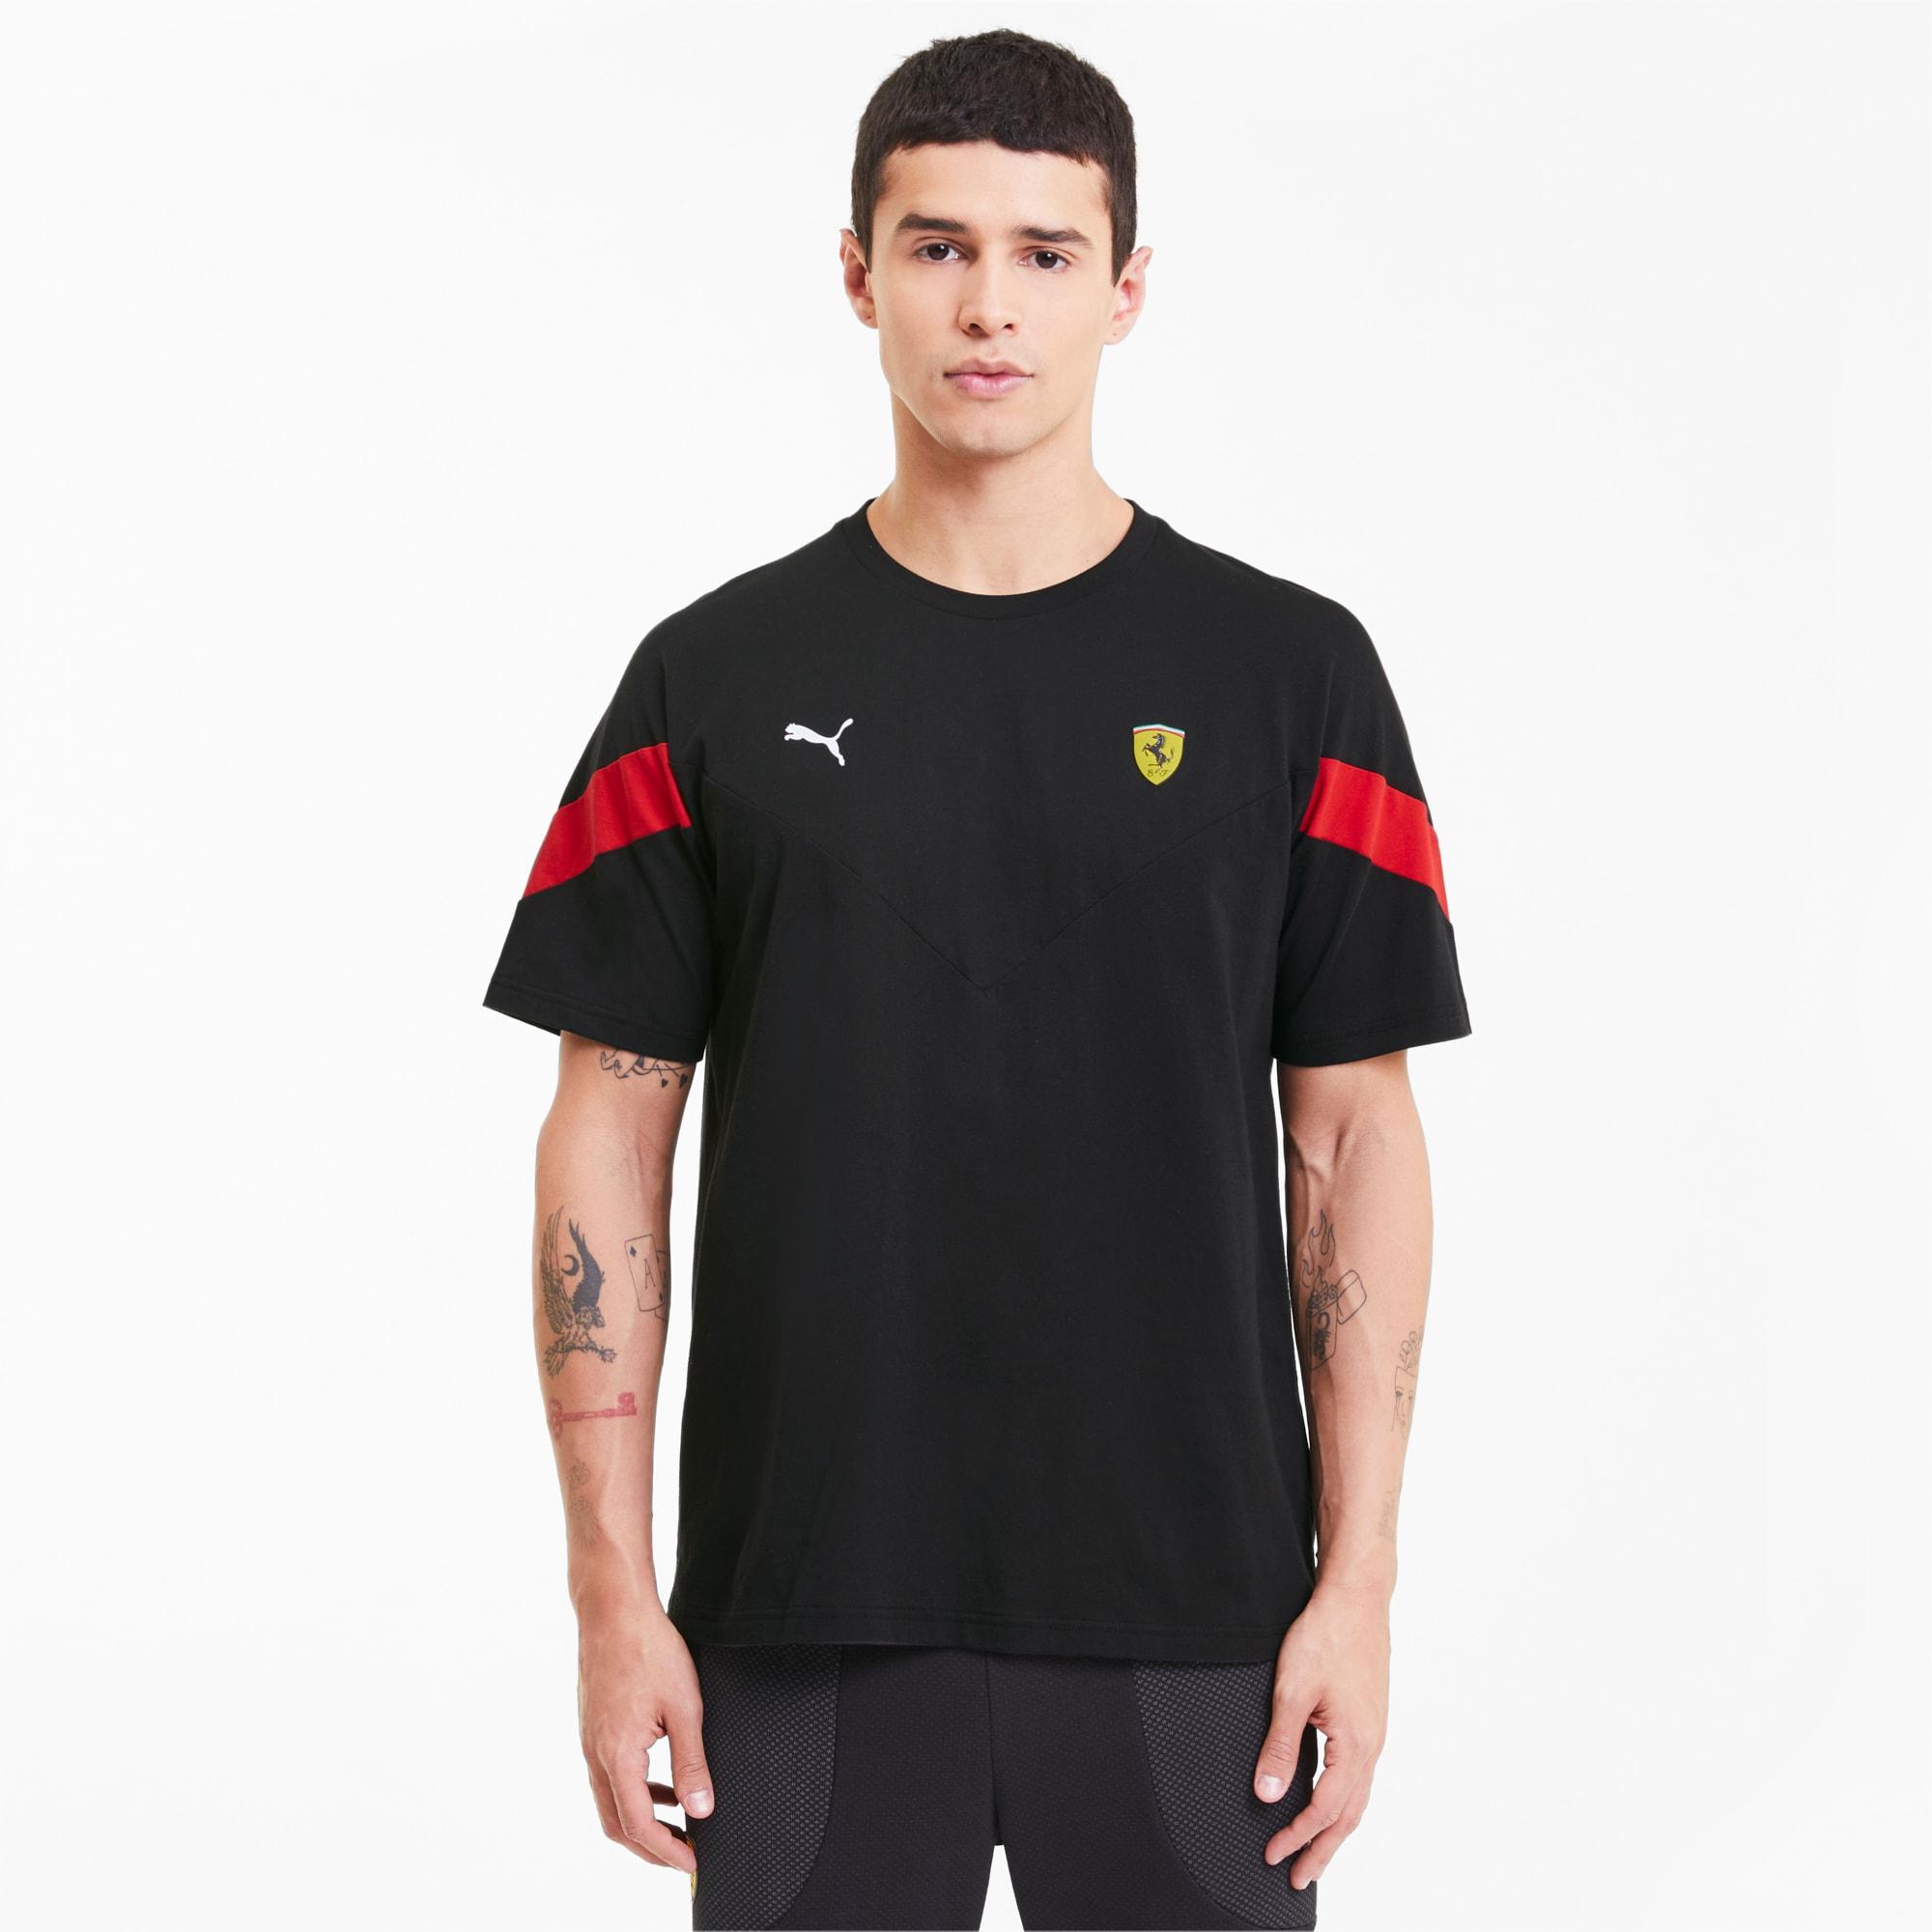 Scuderia Ferrari Race Mcs Herren T Shirt Puma Black Puma Shoes Puma Deutschland